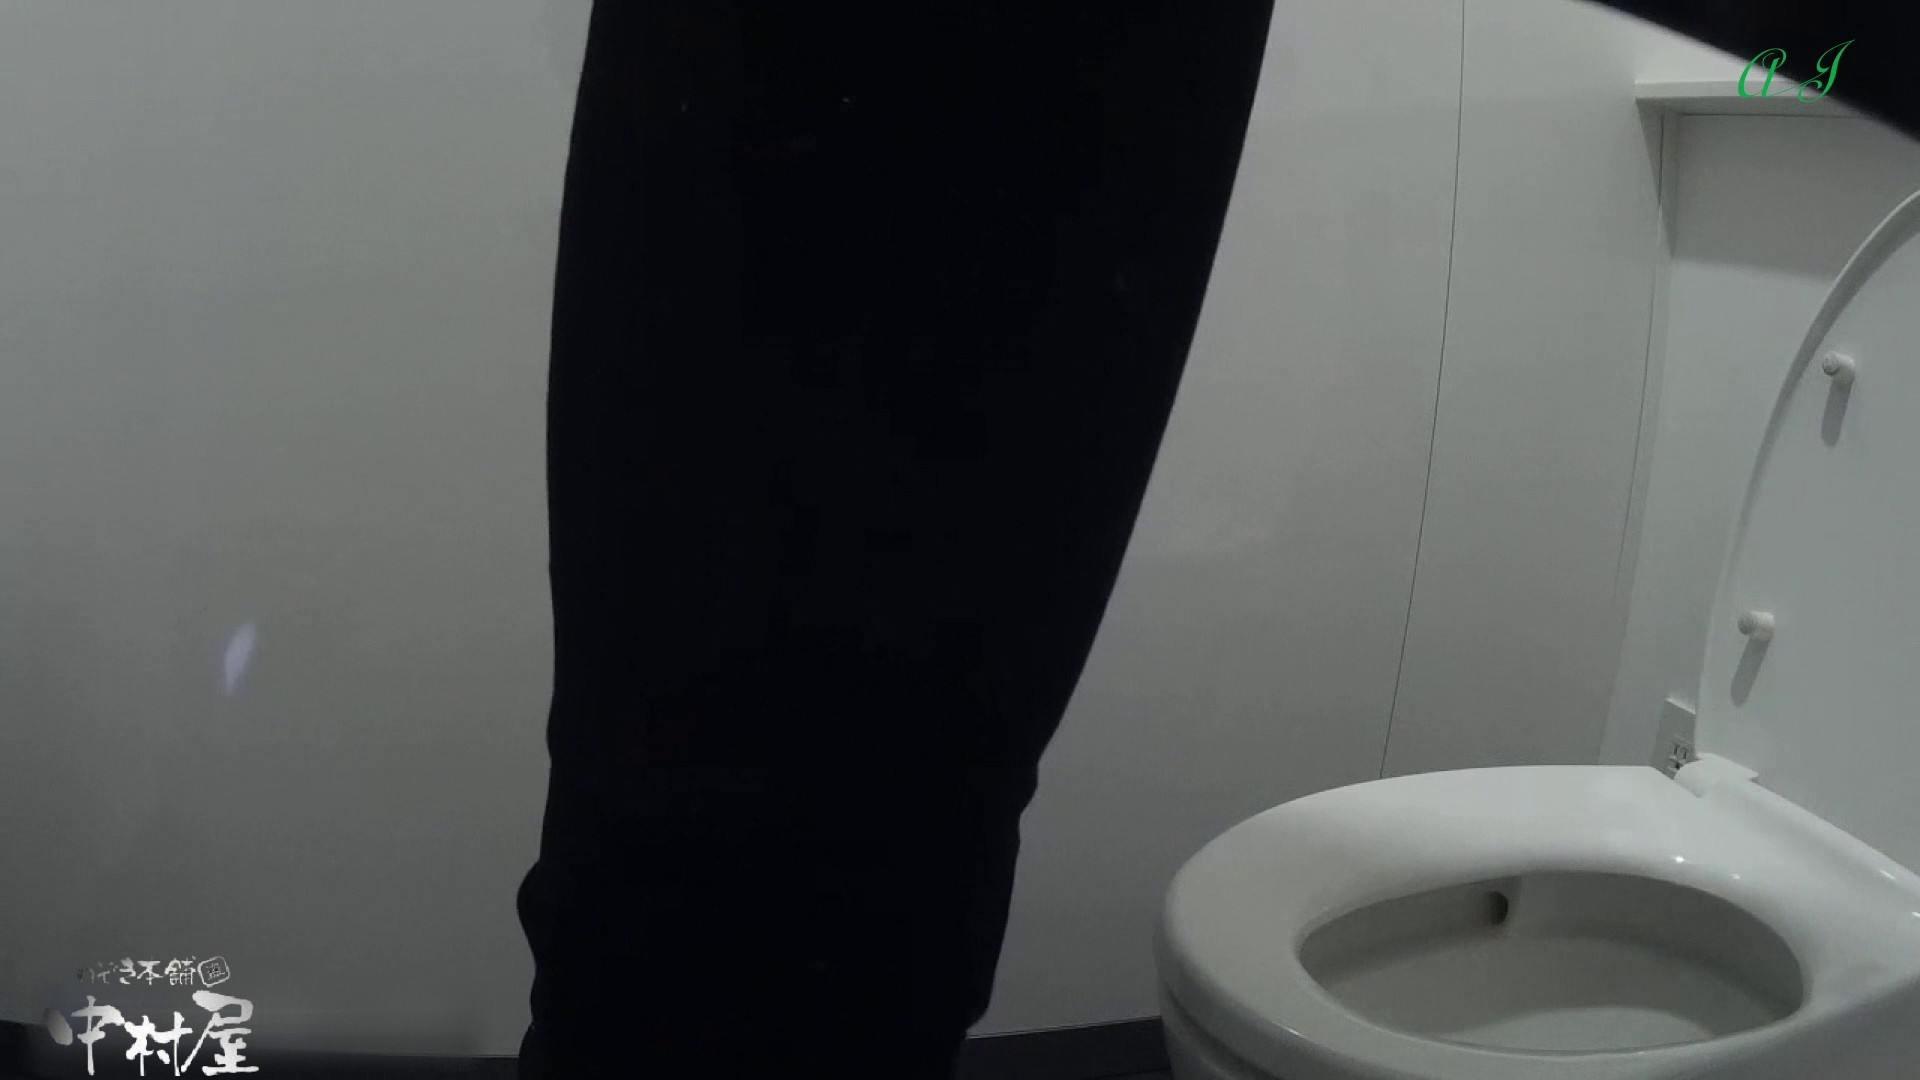 大あり美JDトイレ盗satu【有名大学女性洗面所 vol.80】 トイレの中の女の子 セックス画像 67連発 22